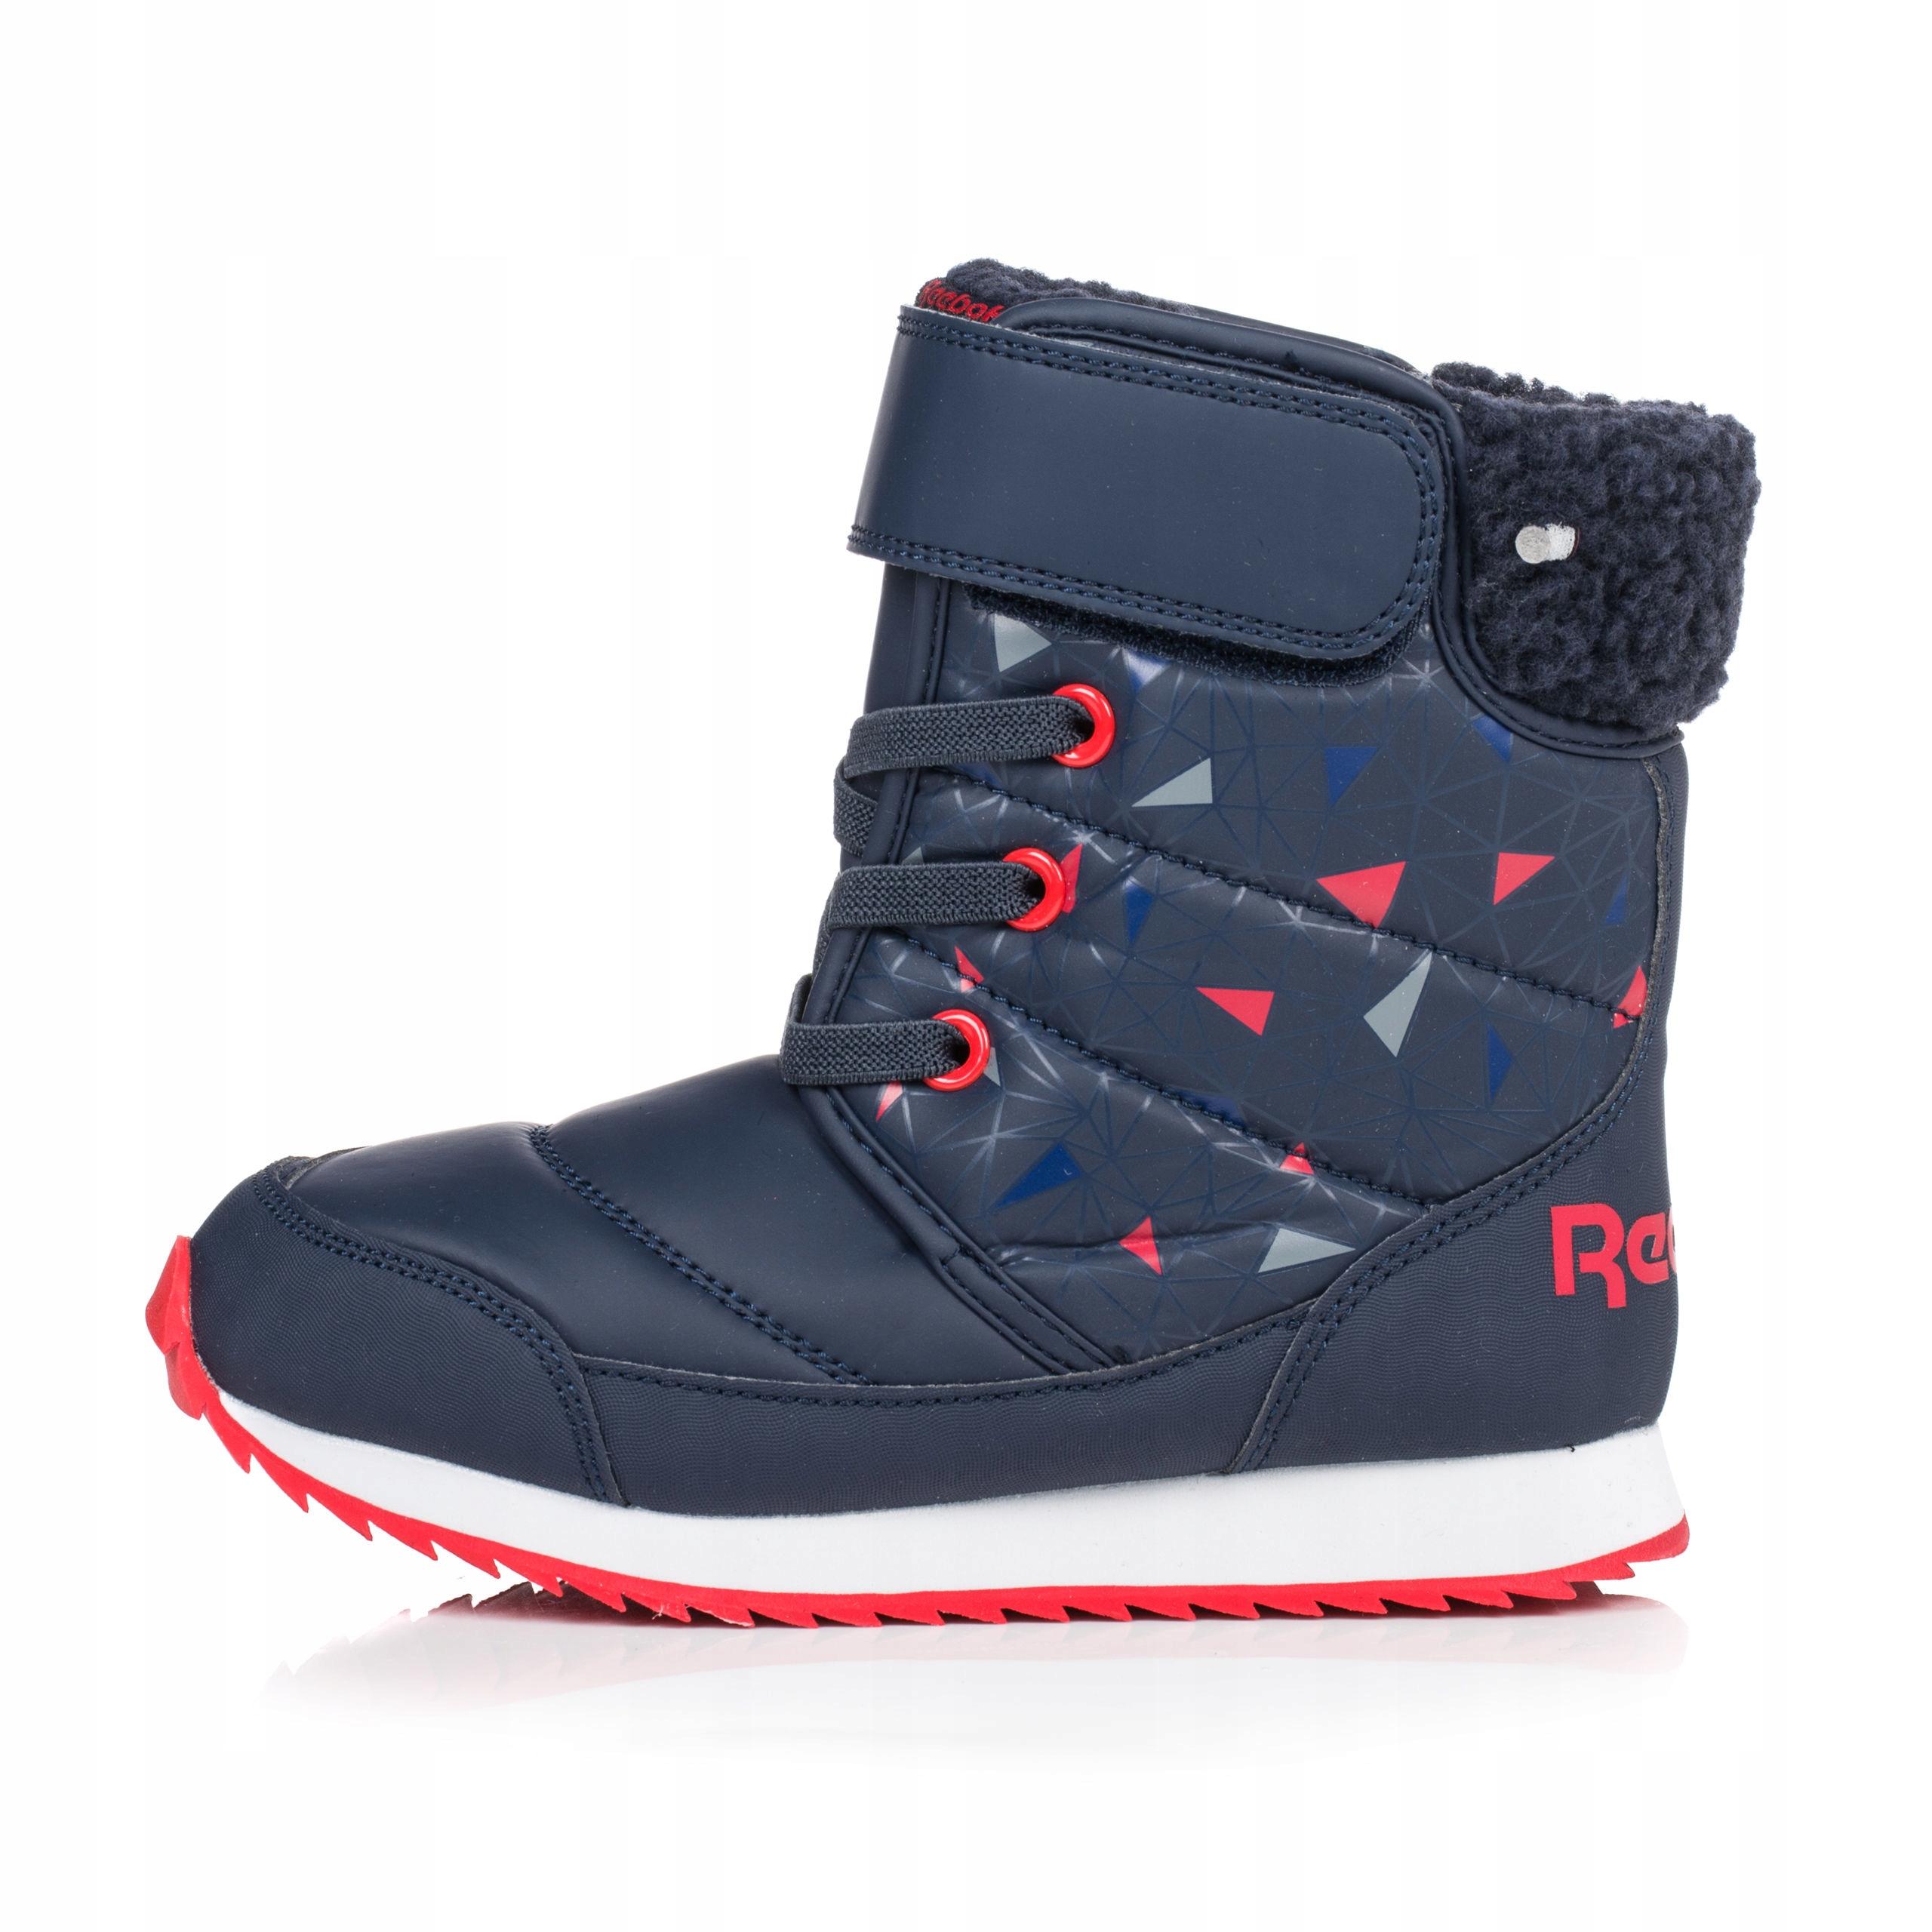 Buty dziecięce Reebok Snow Prime śniegowce BS7778 Ceny i